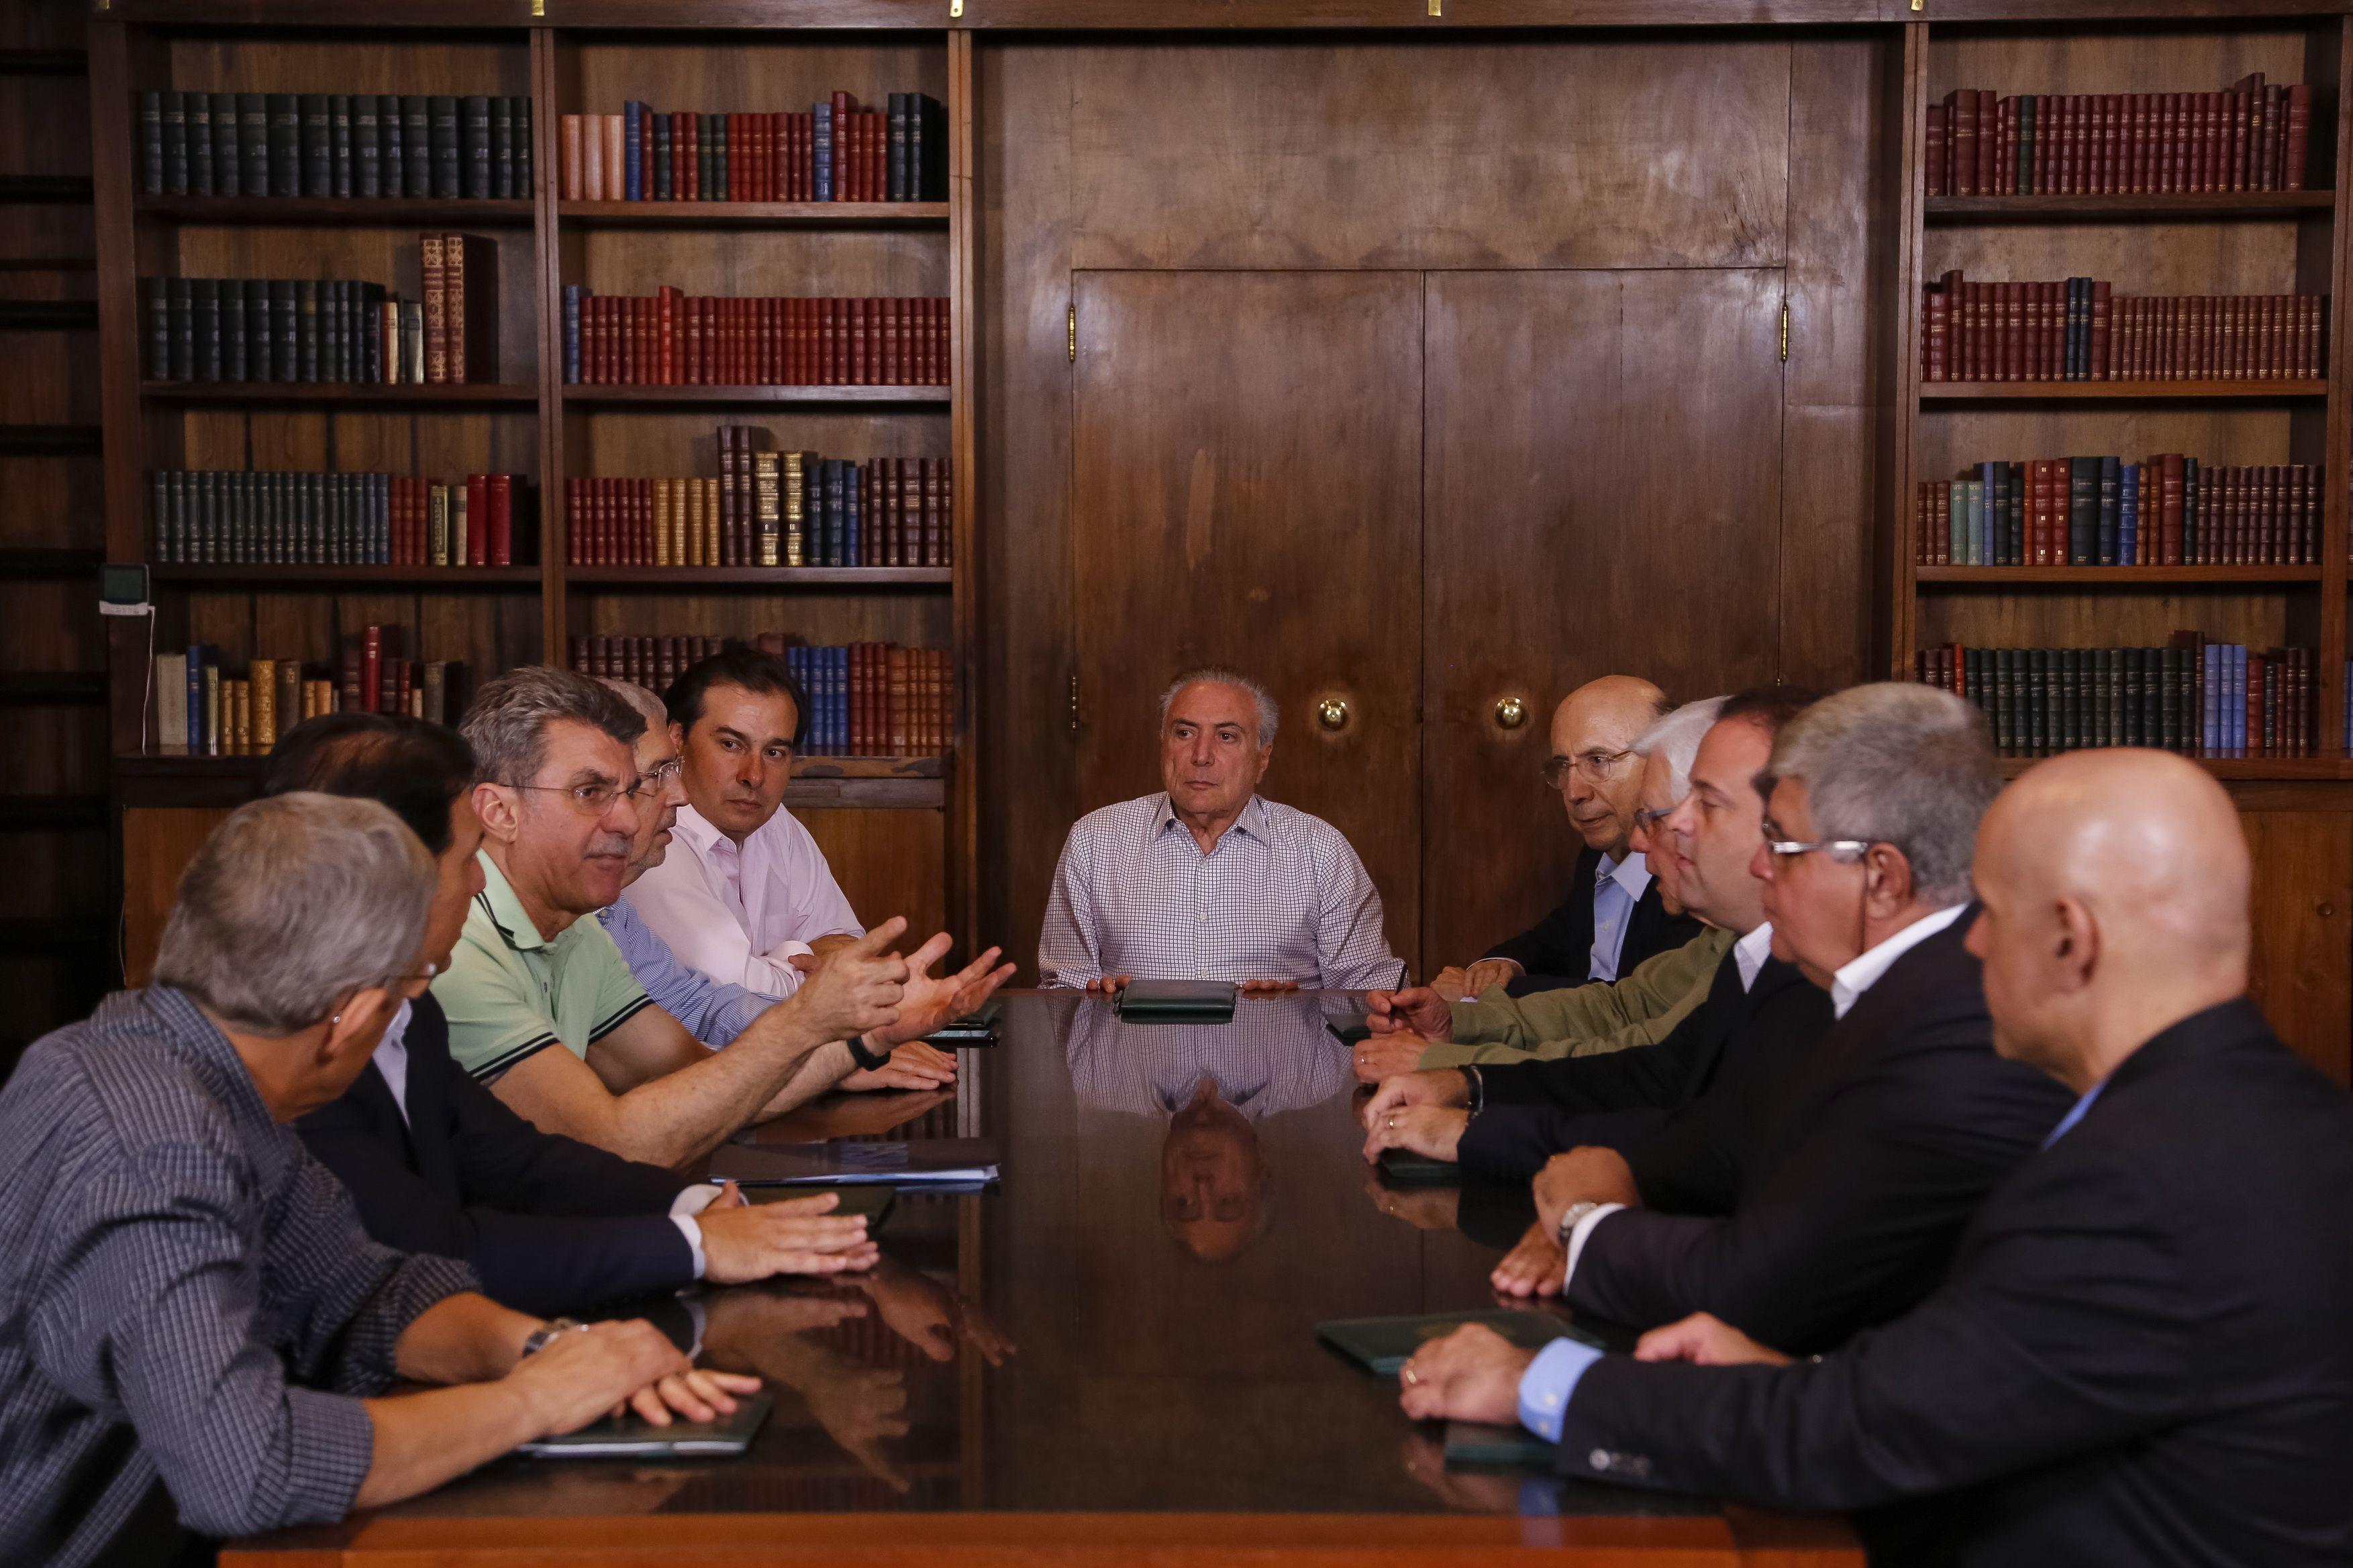 O presidente Michel Temer recebe no Palácio da Alvorada, ministros e líderes dos partidos da bancada governista no Congresso Nacional para reunião sobre reforma da Previdência